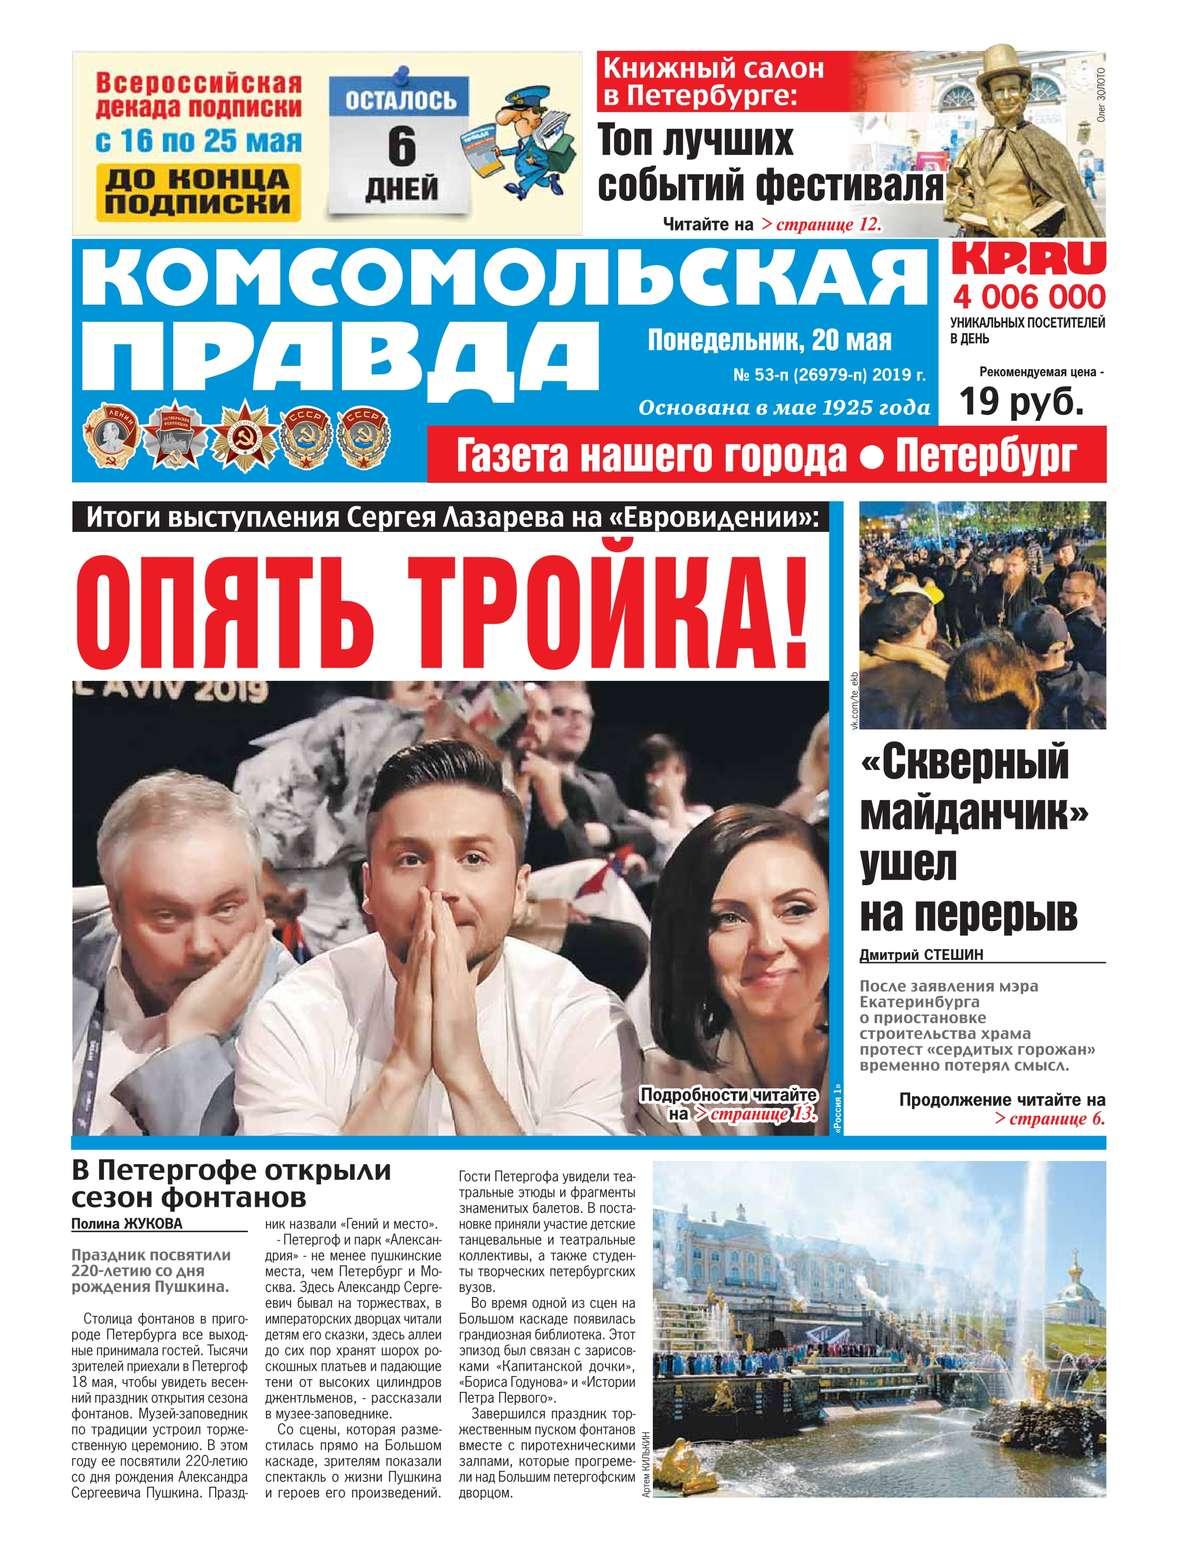 Комсомольская Правда. Санкт-Петербург 53п-2019